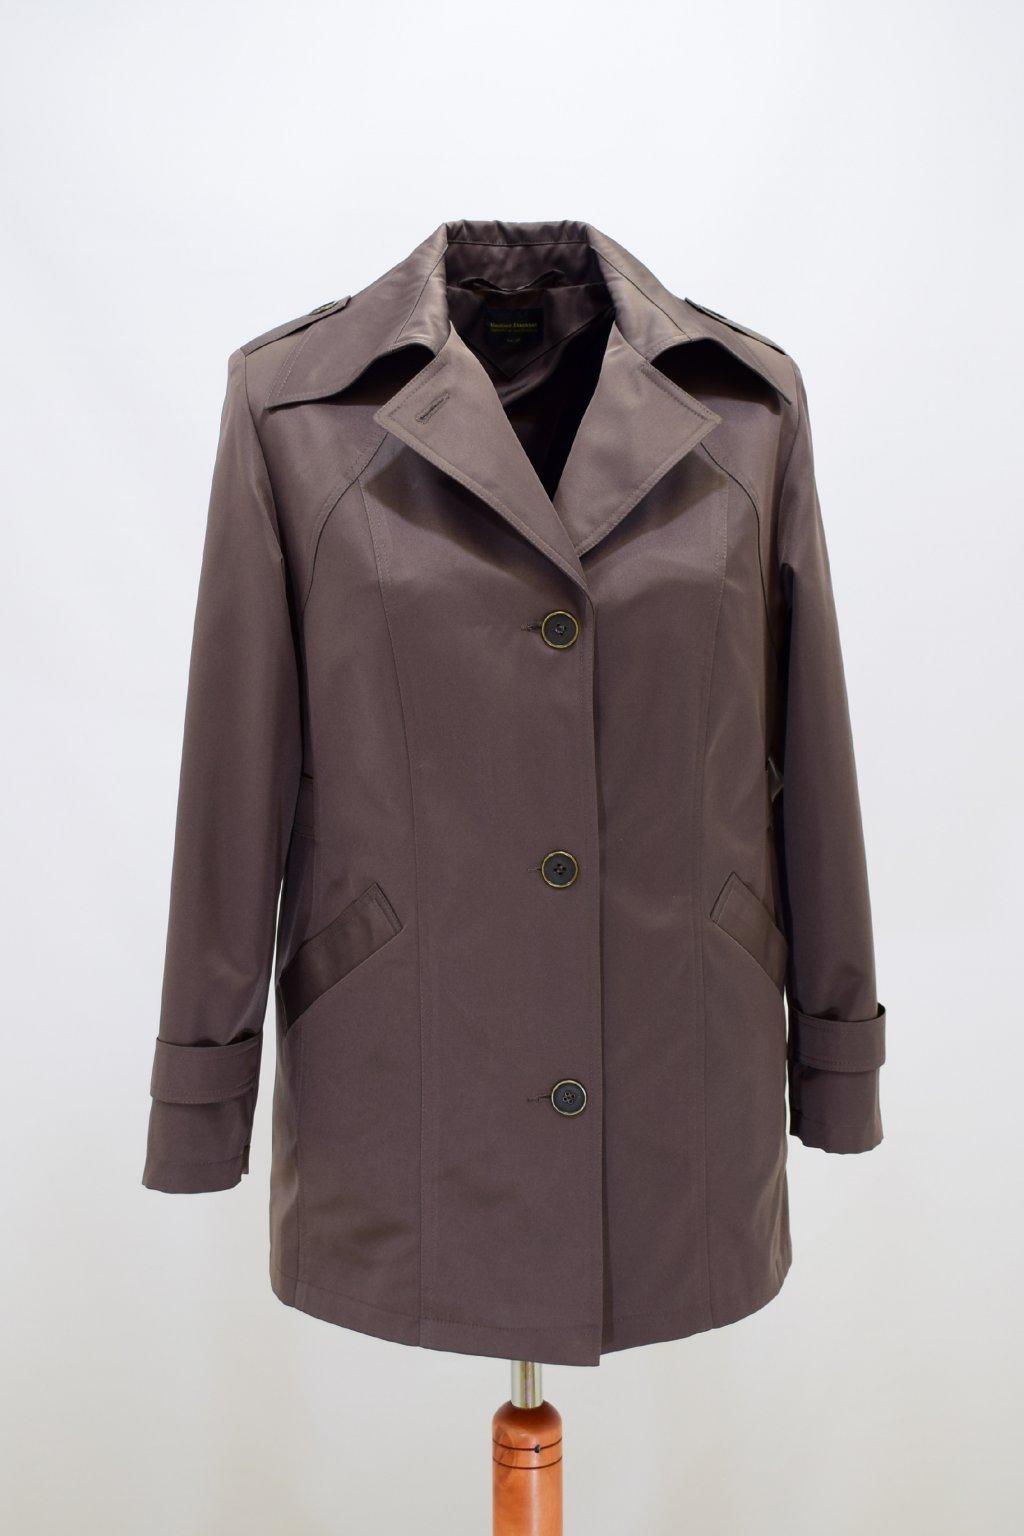 Dámský oříškový jarní kabátek Klára nadměrné velikosti.